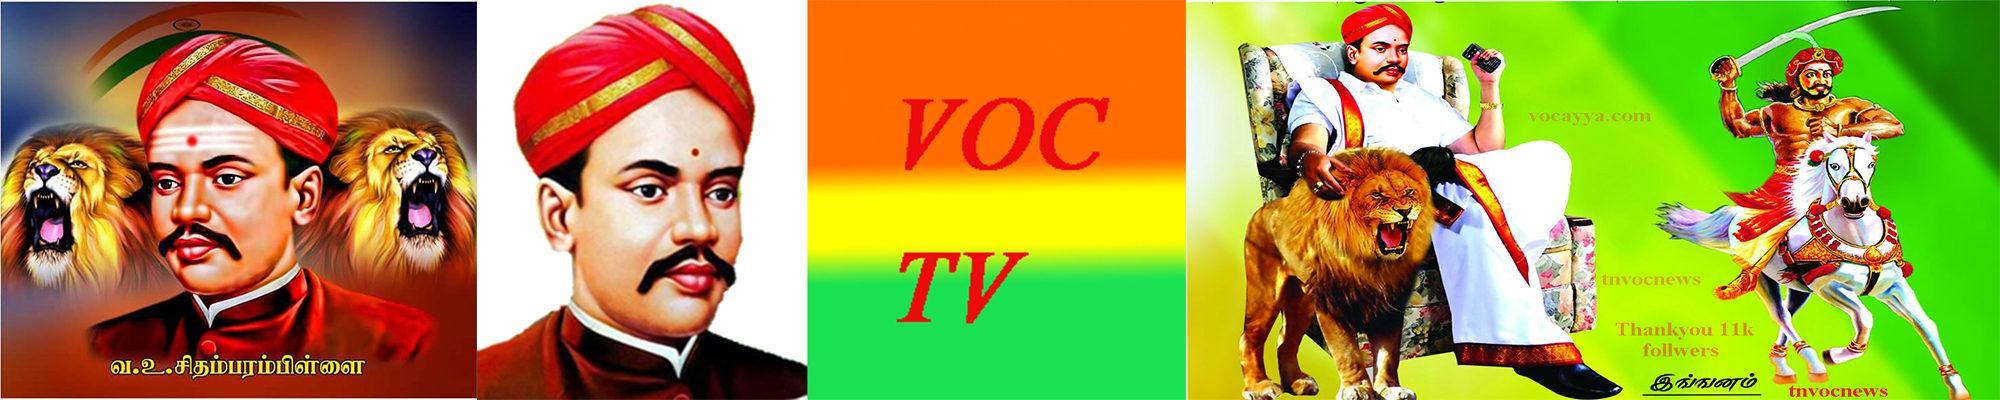 வ. உ. சிதம்பரம் பிள்ளை V.O.C